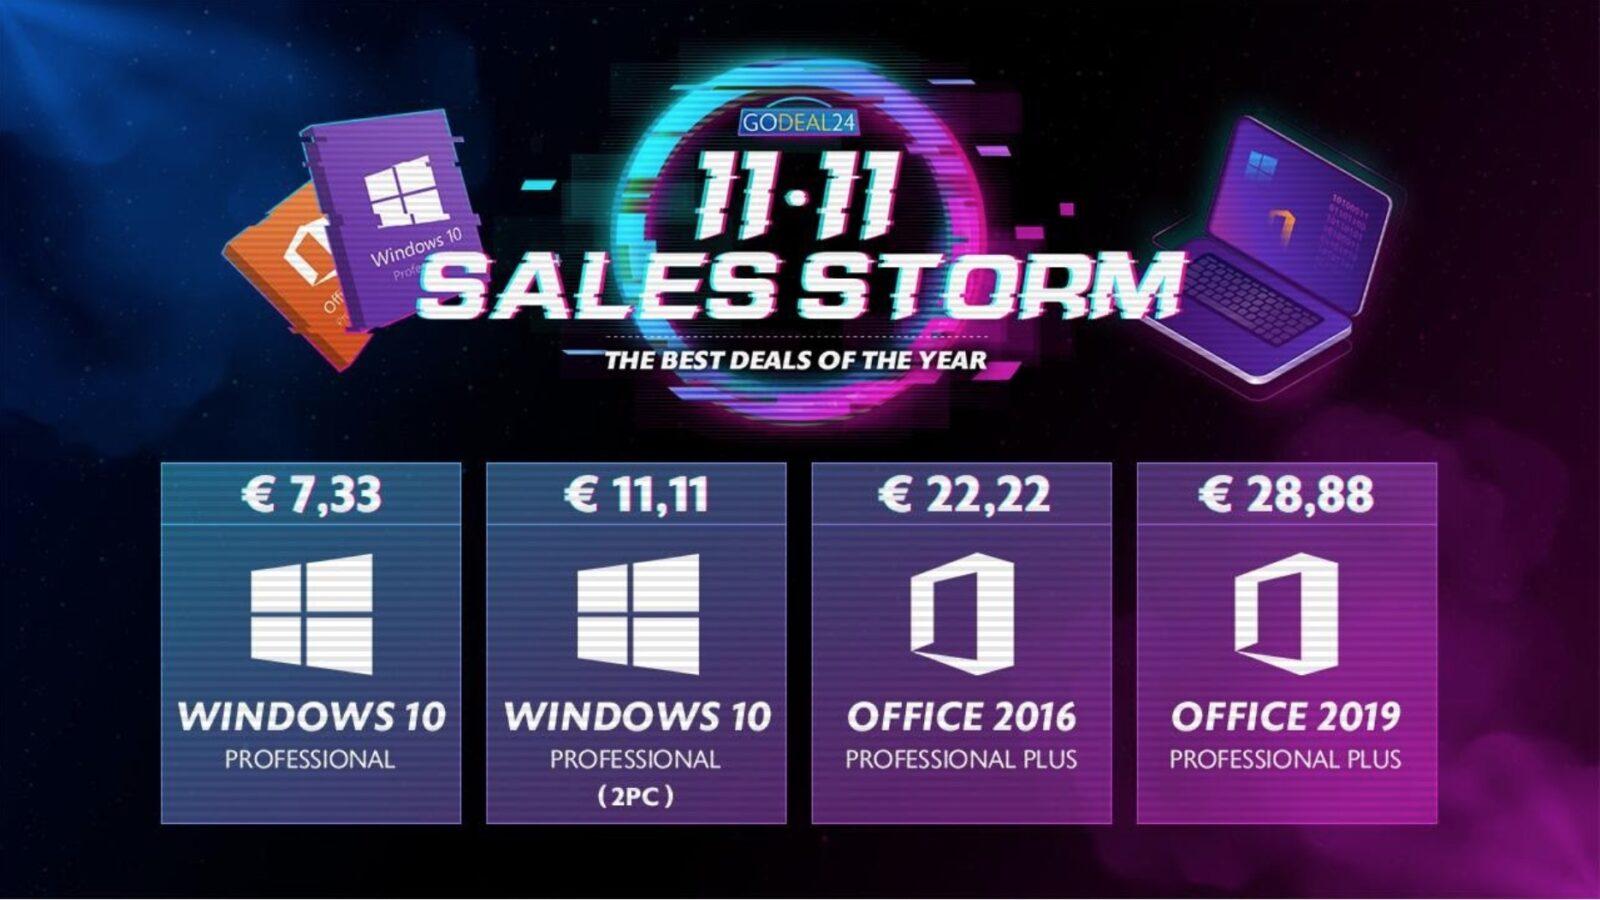 Windows 10 a soli 5 € , Office a soli 15 €: le offerte di novembre di GoDeals24